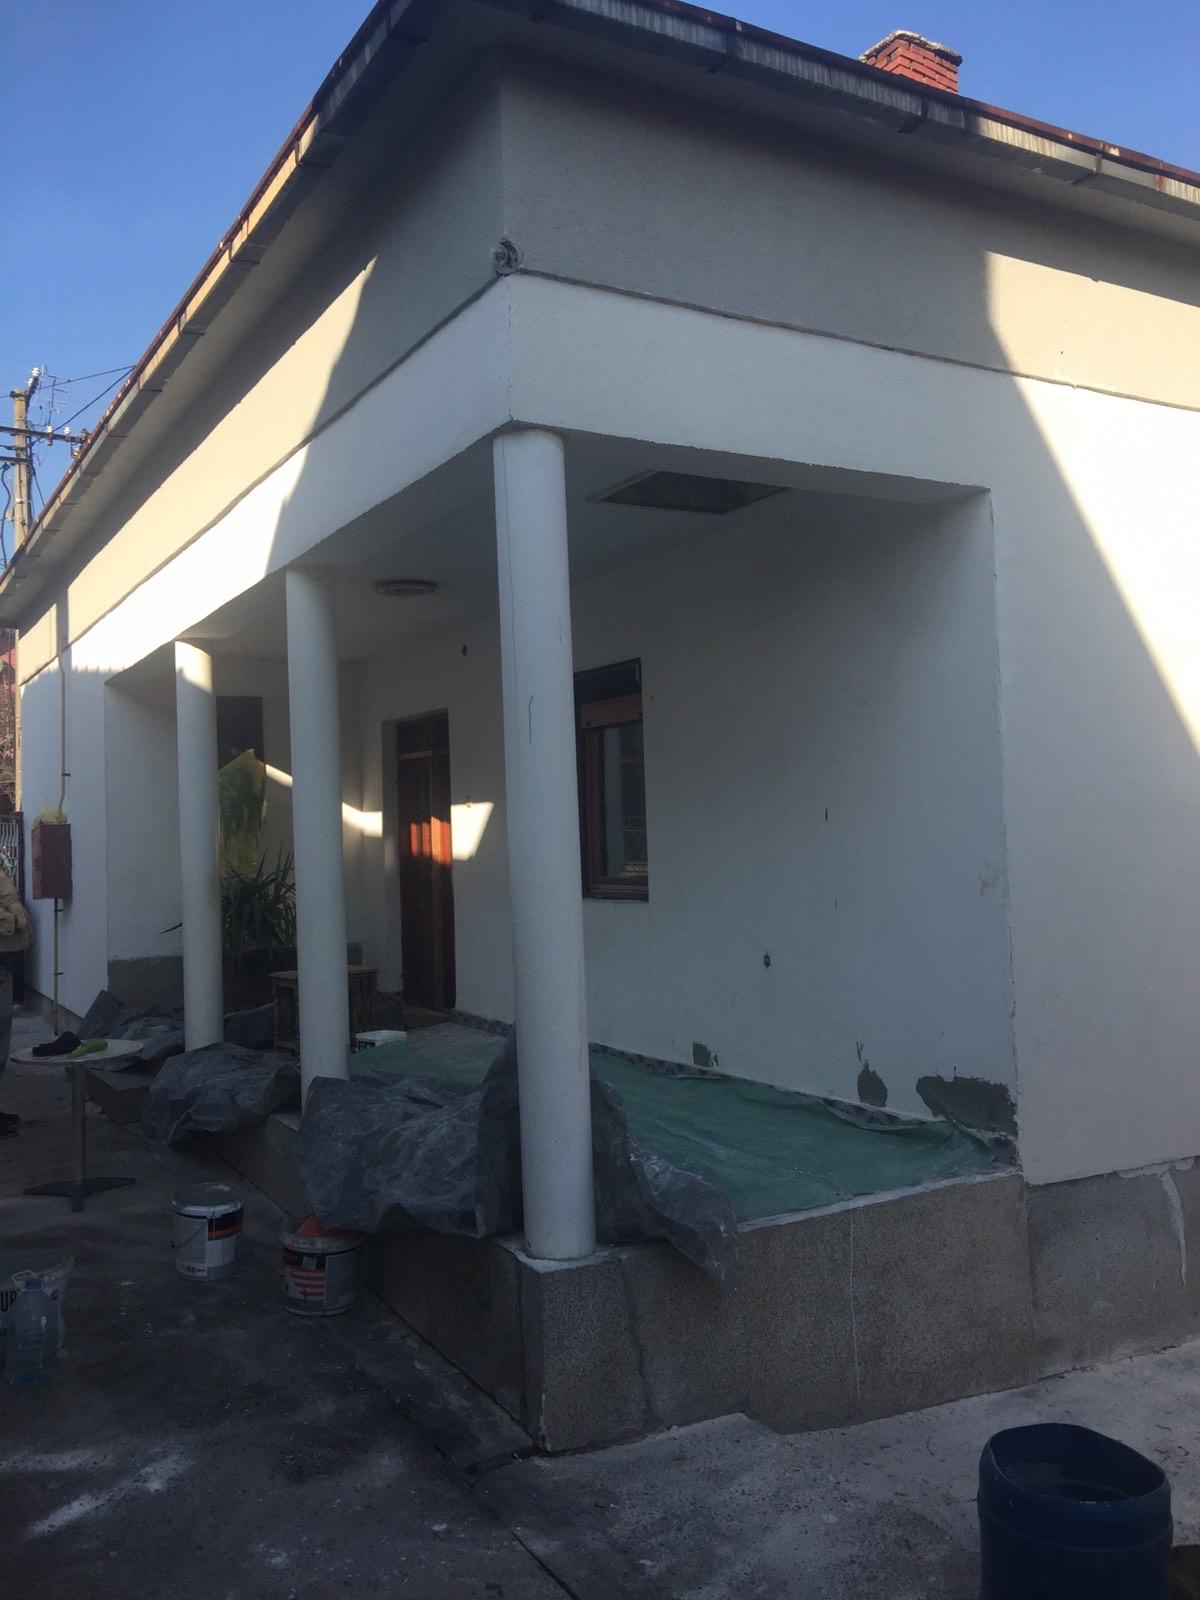 Prizemna kuća 107 m2, uknjižena, plac 467 m2, Inđija